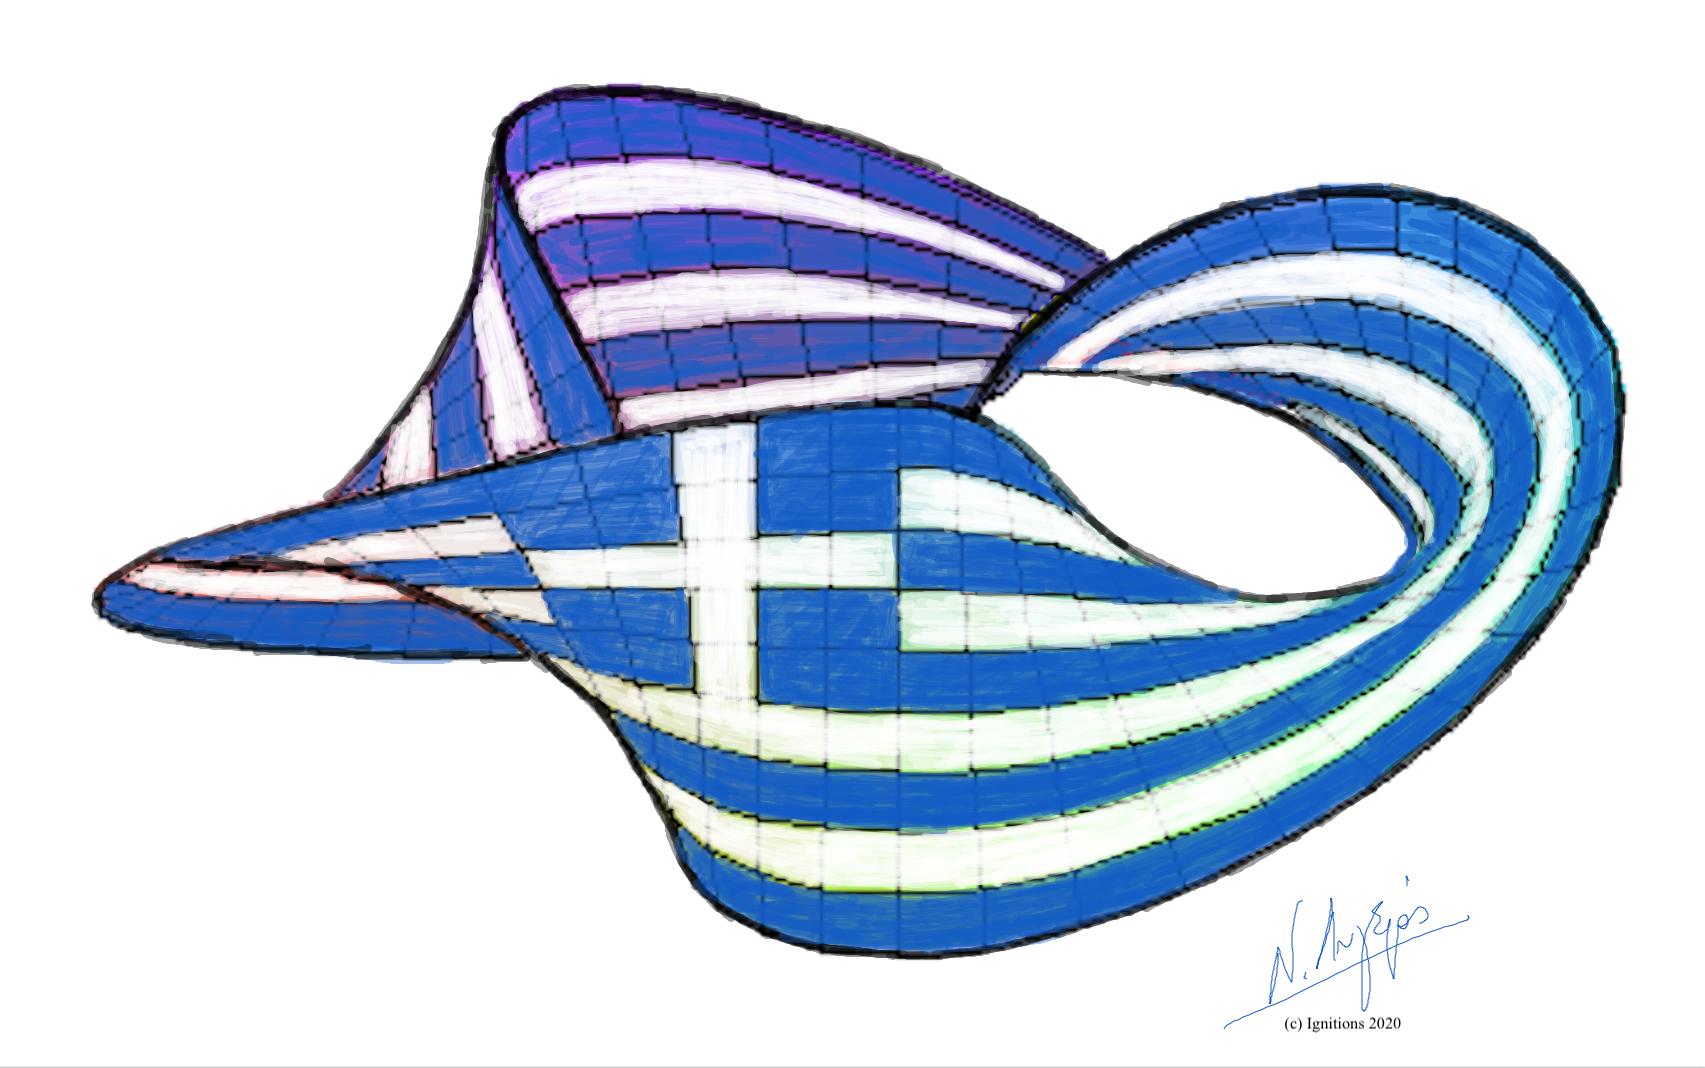 57347 - Ελληνική σημαία. (Dessin)